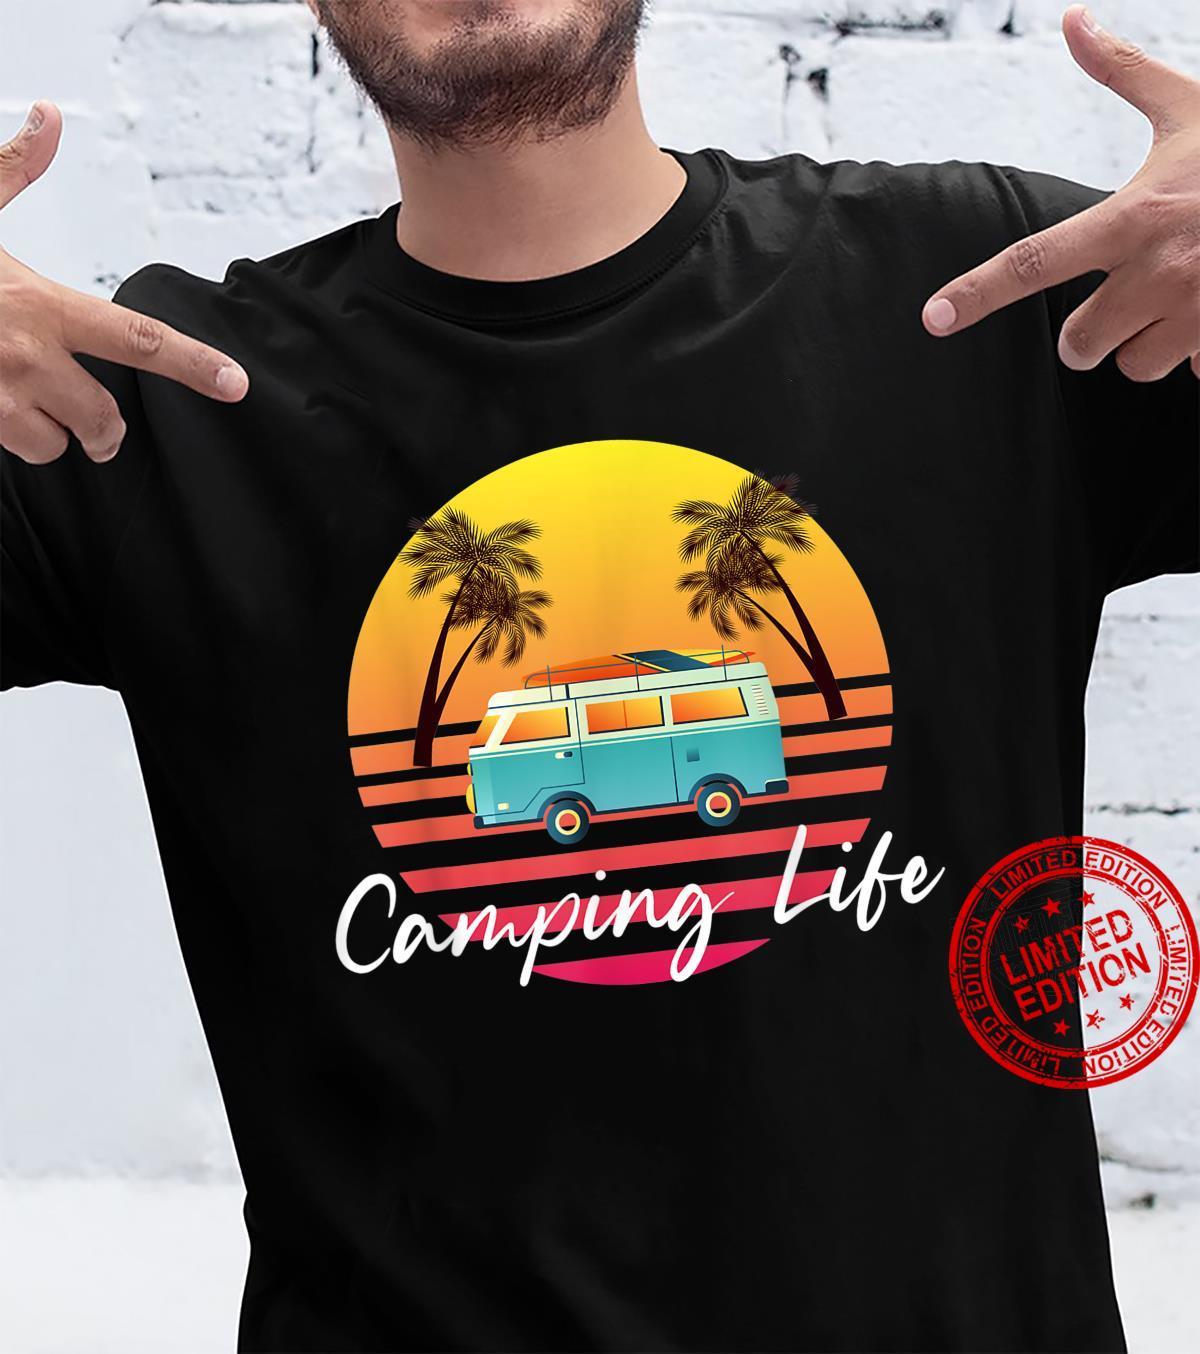 Camping Life Van Bus for Camper Caravan Shirt